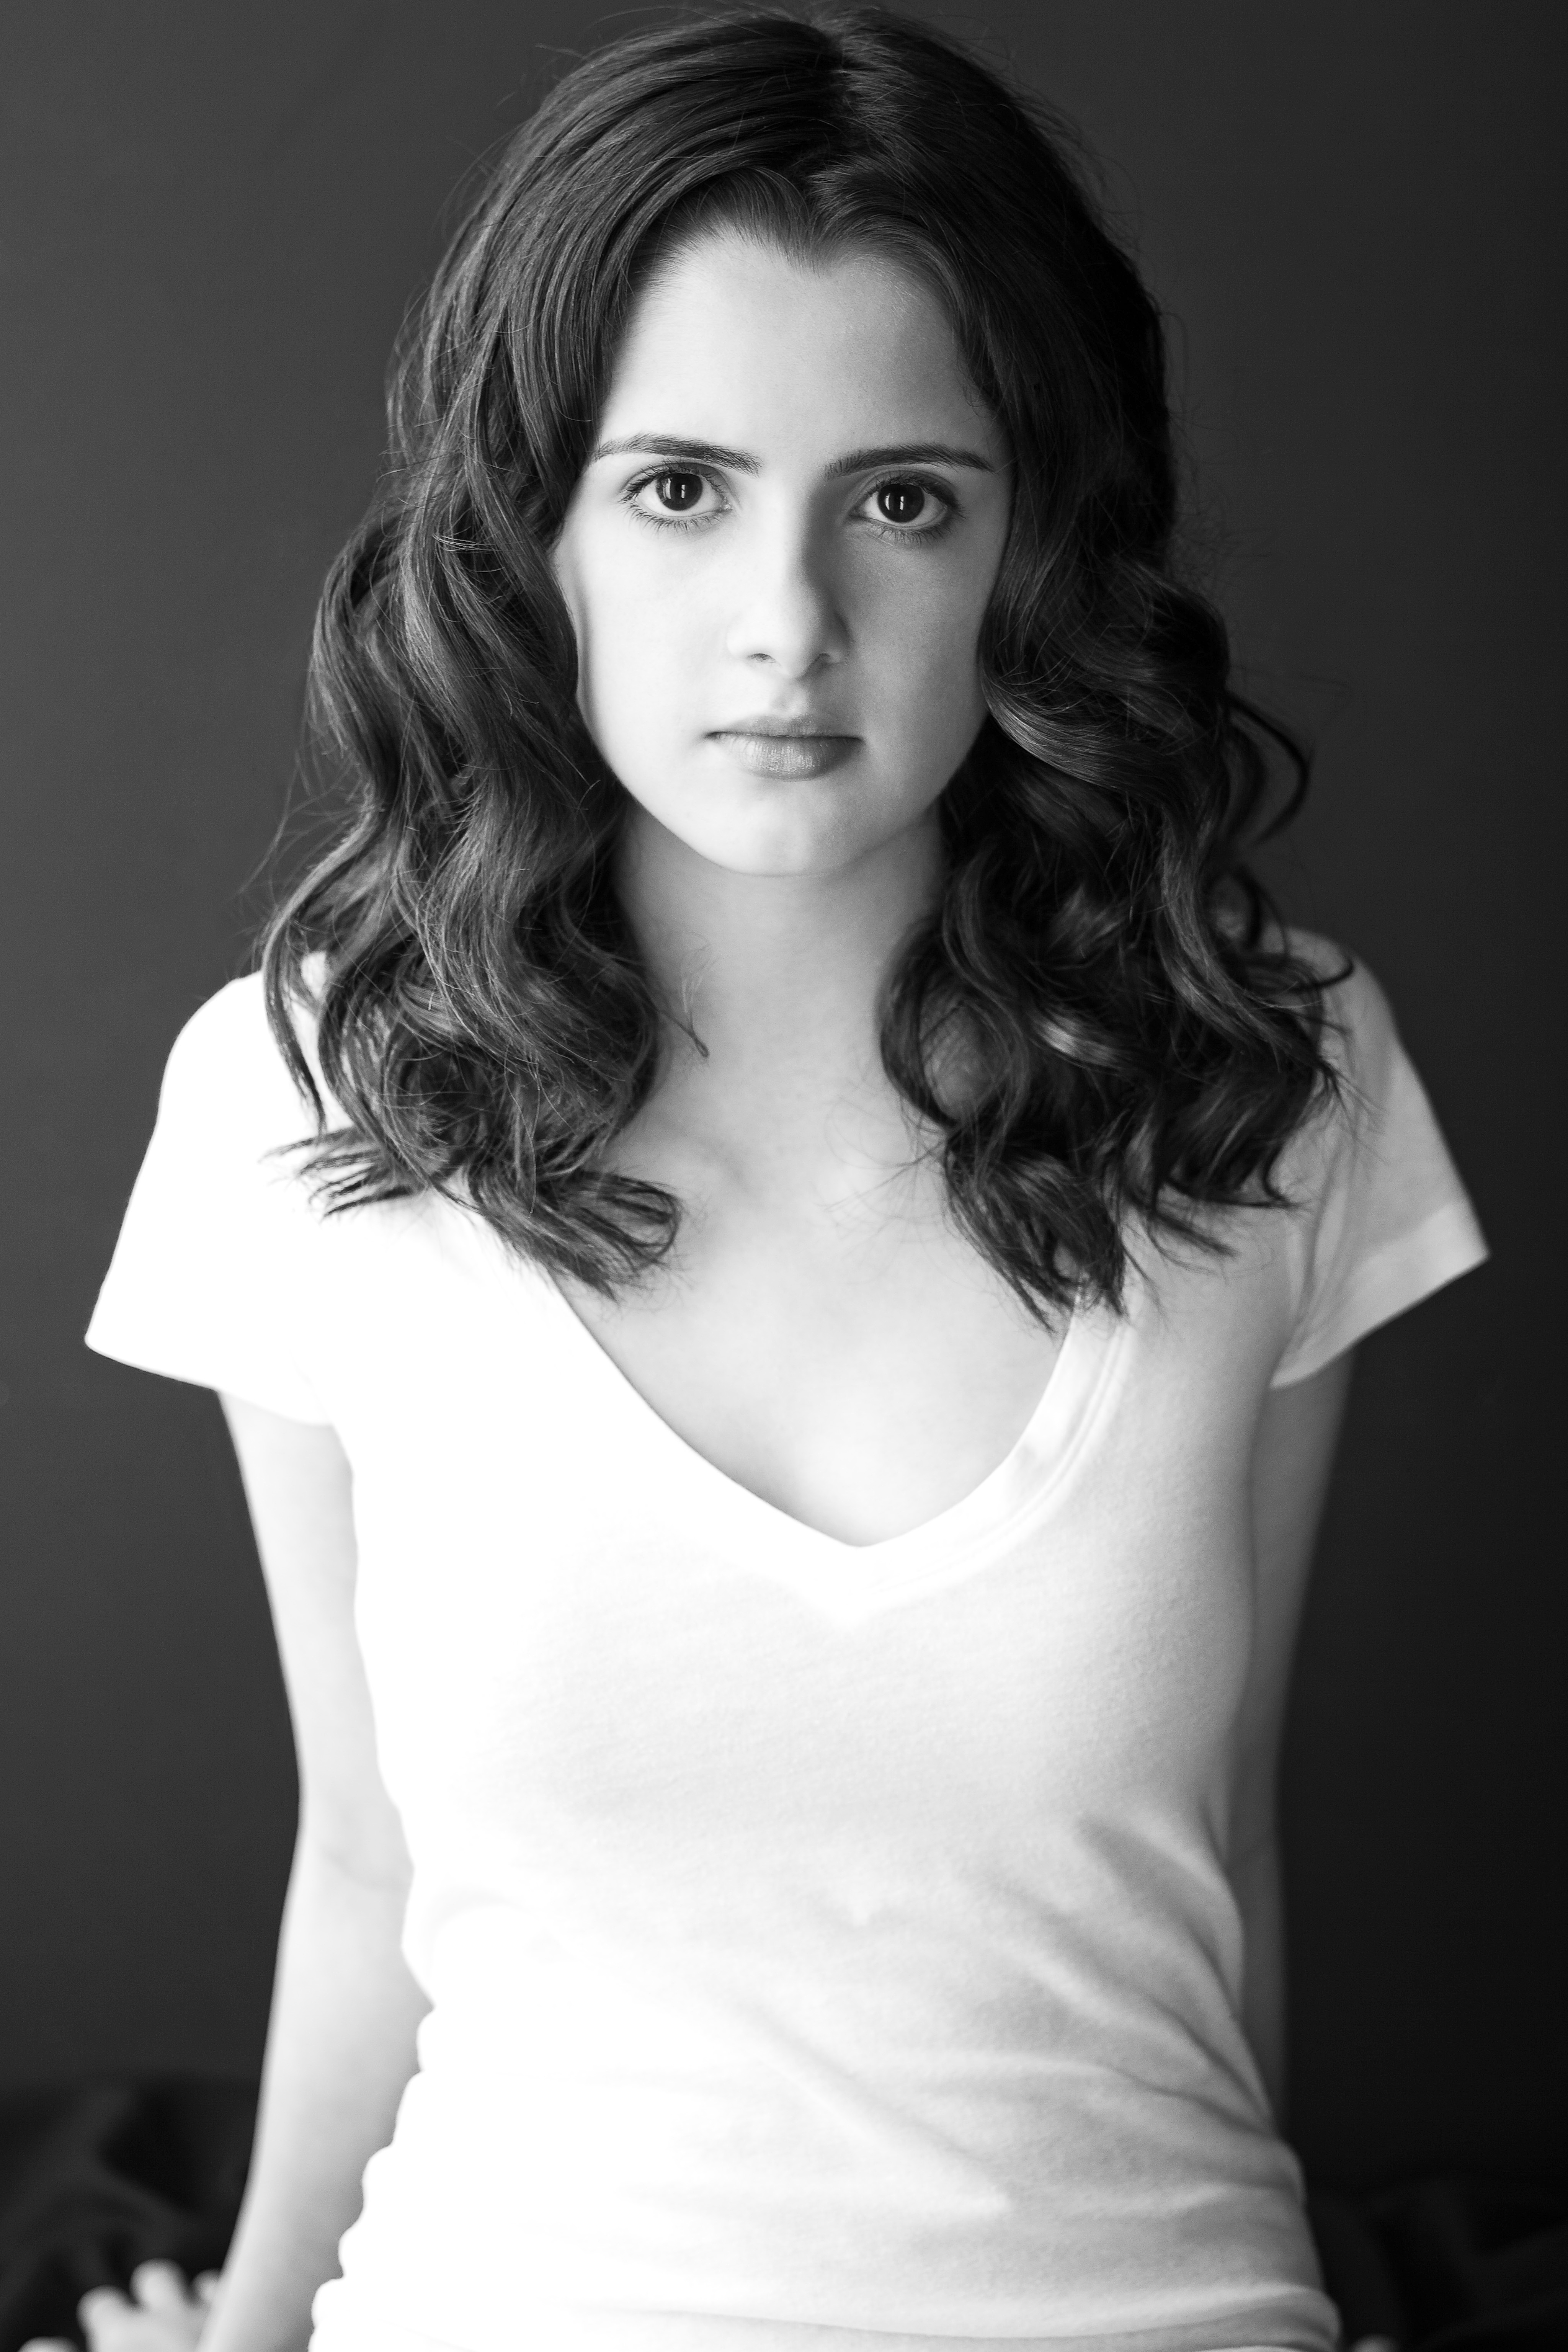 Laura Marano